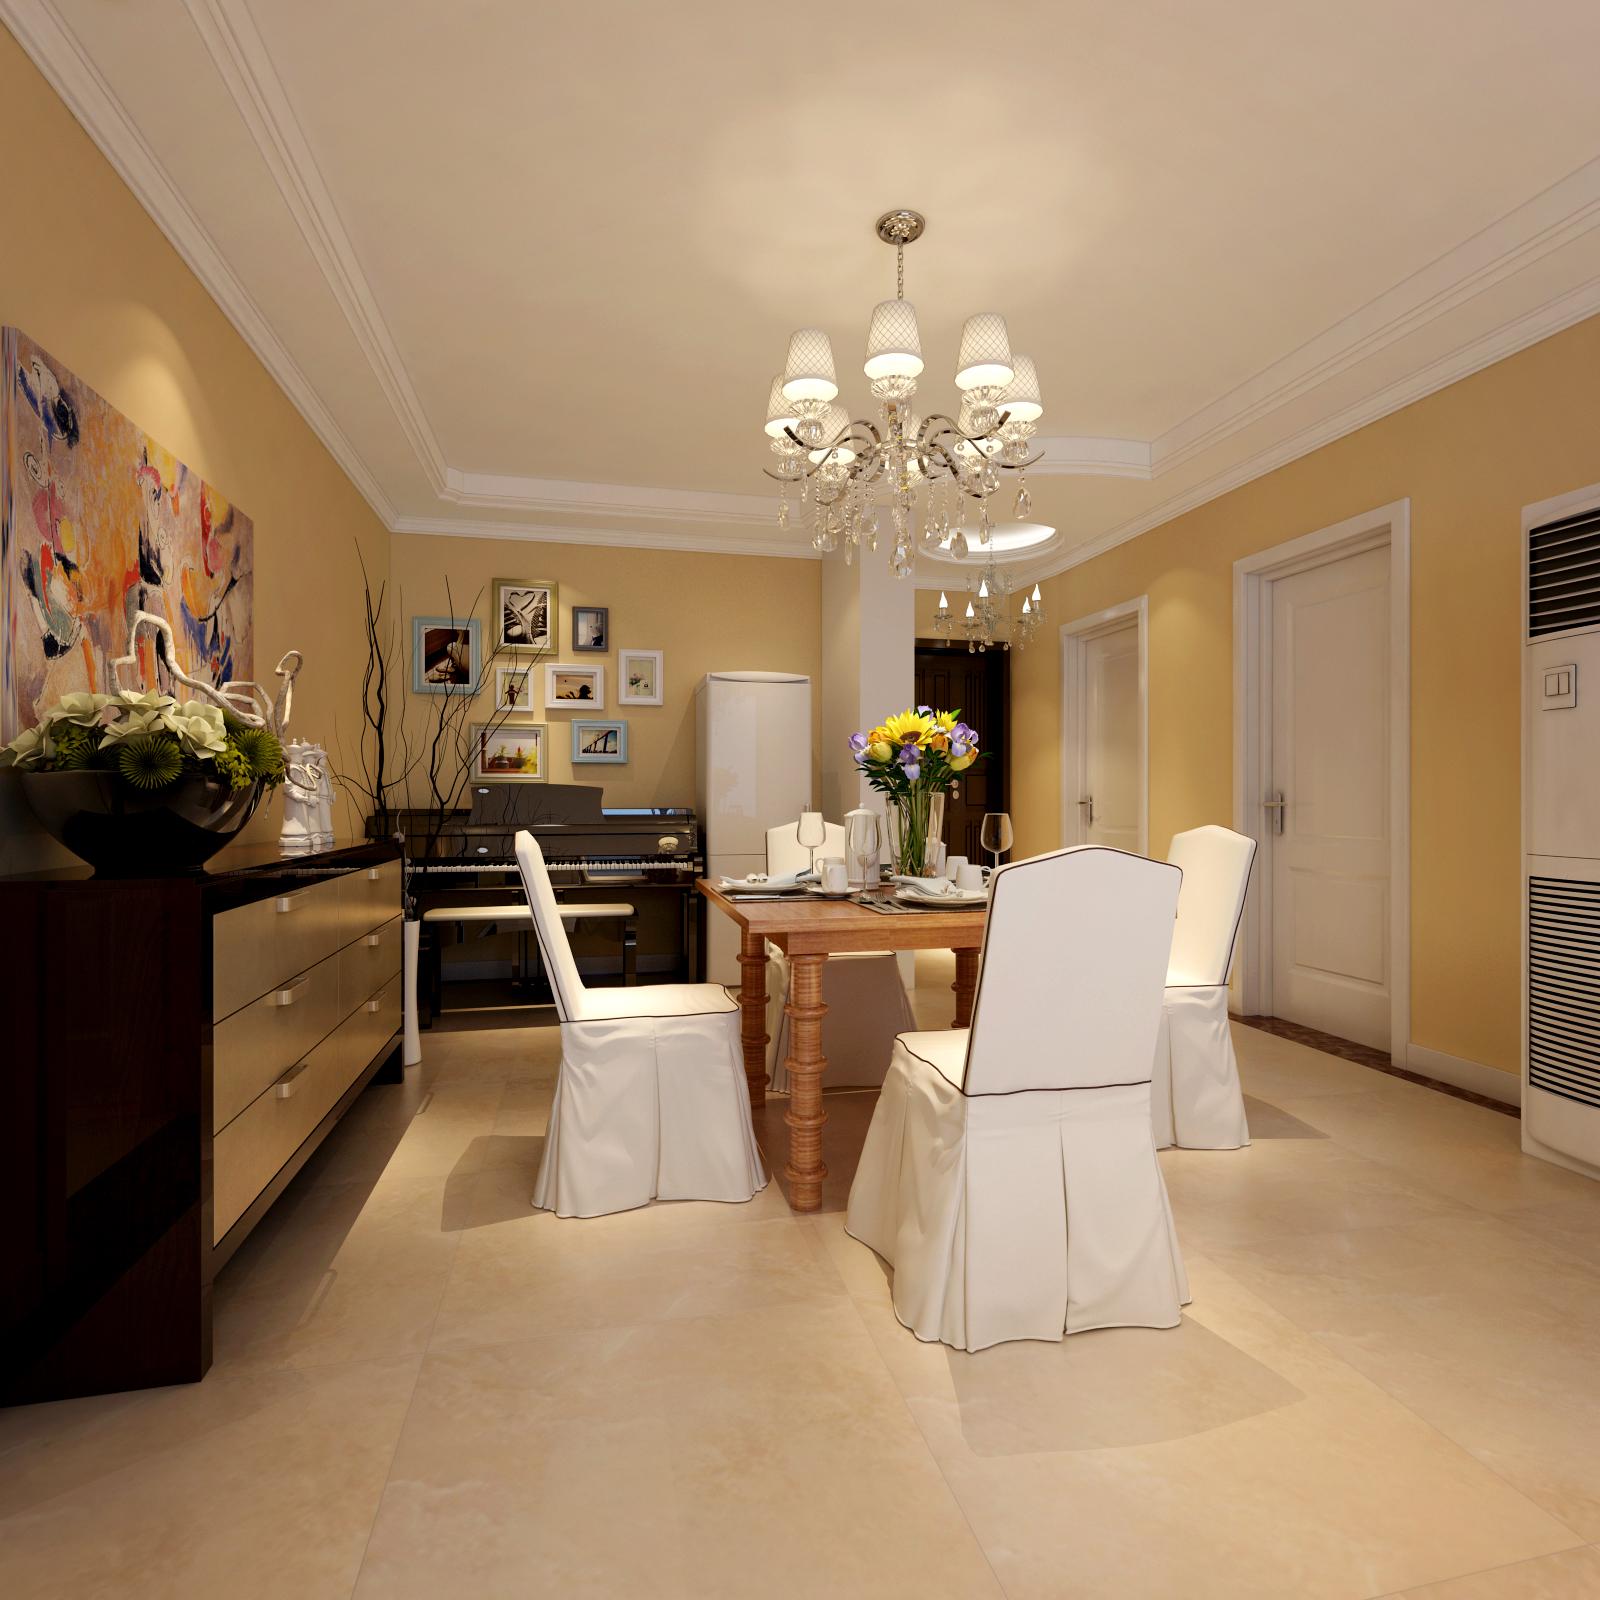 混搭 三居室 家庭装修 装修效果图 餐厅 餐厅图片来自北京汉东装饰设计在K2清水湾  混搭  温馨之家的分享